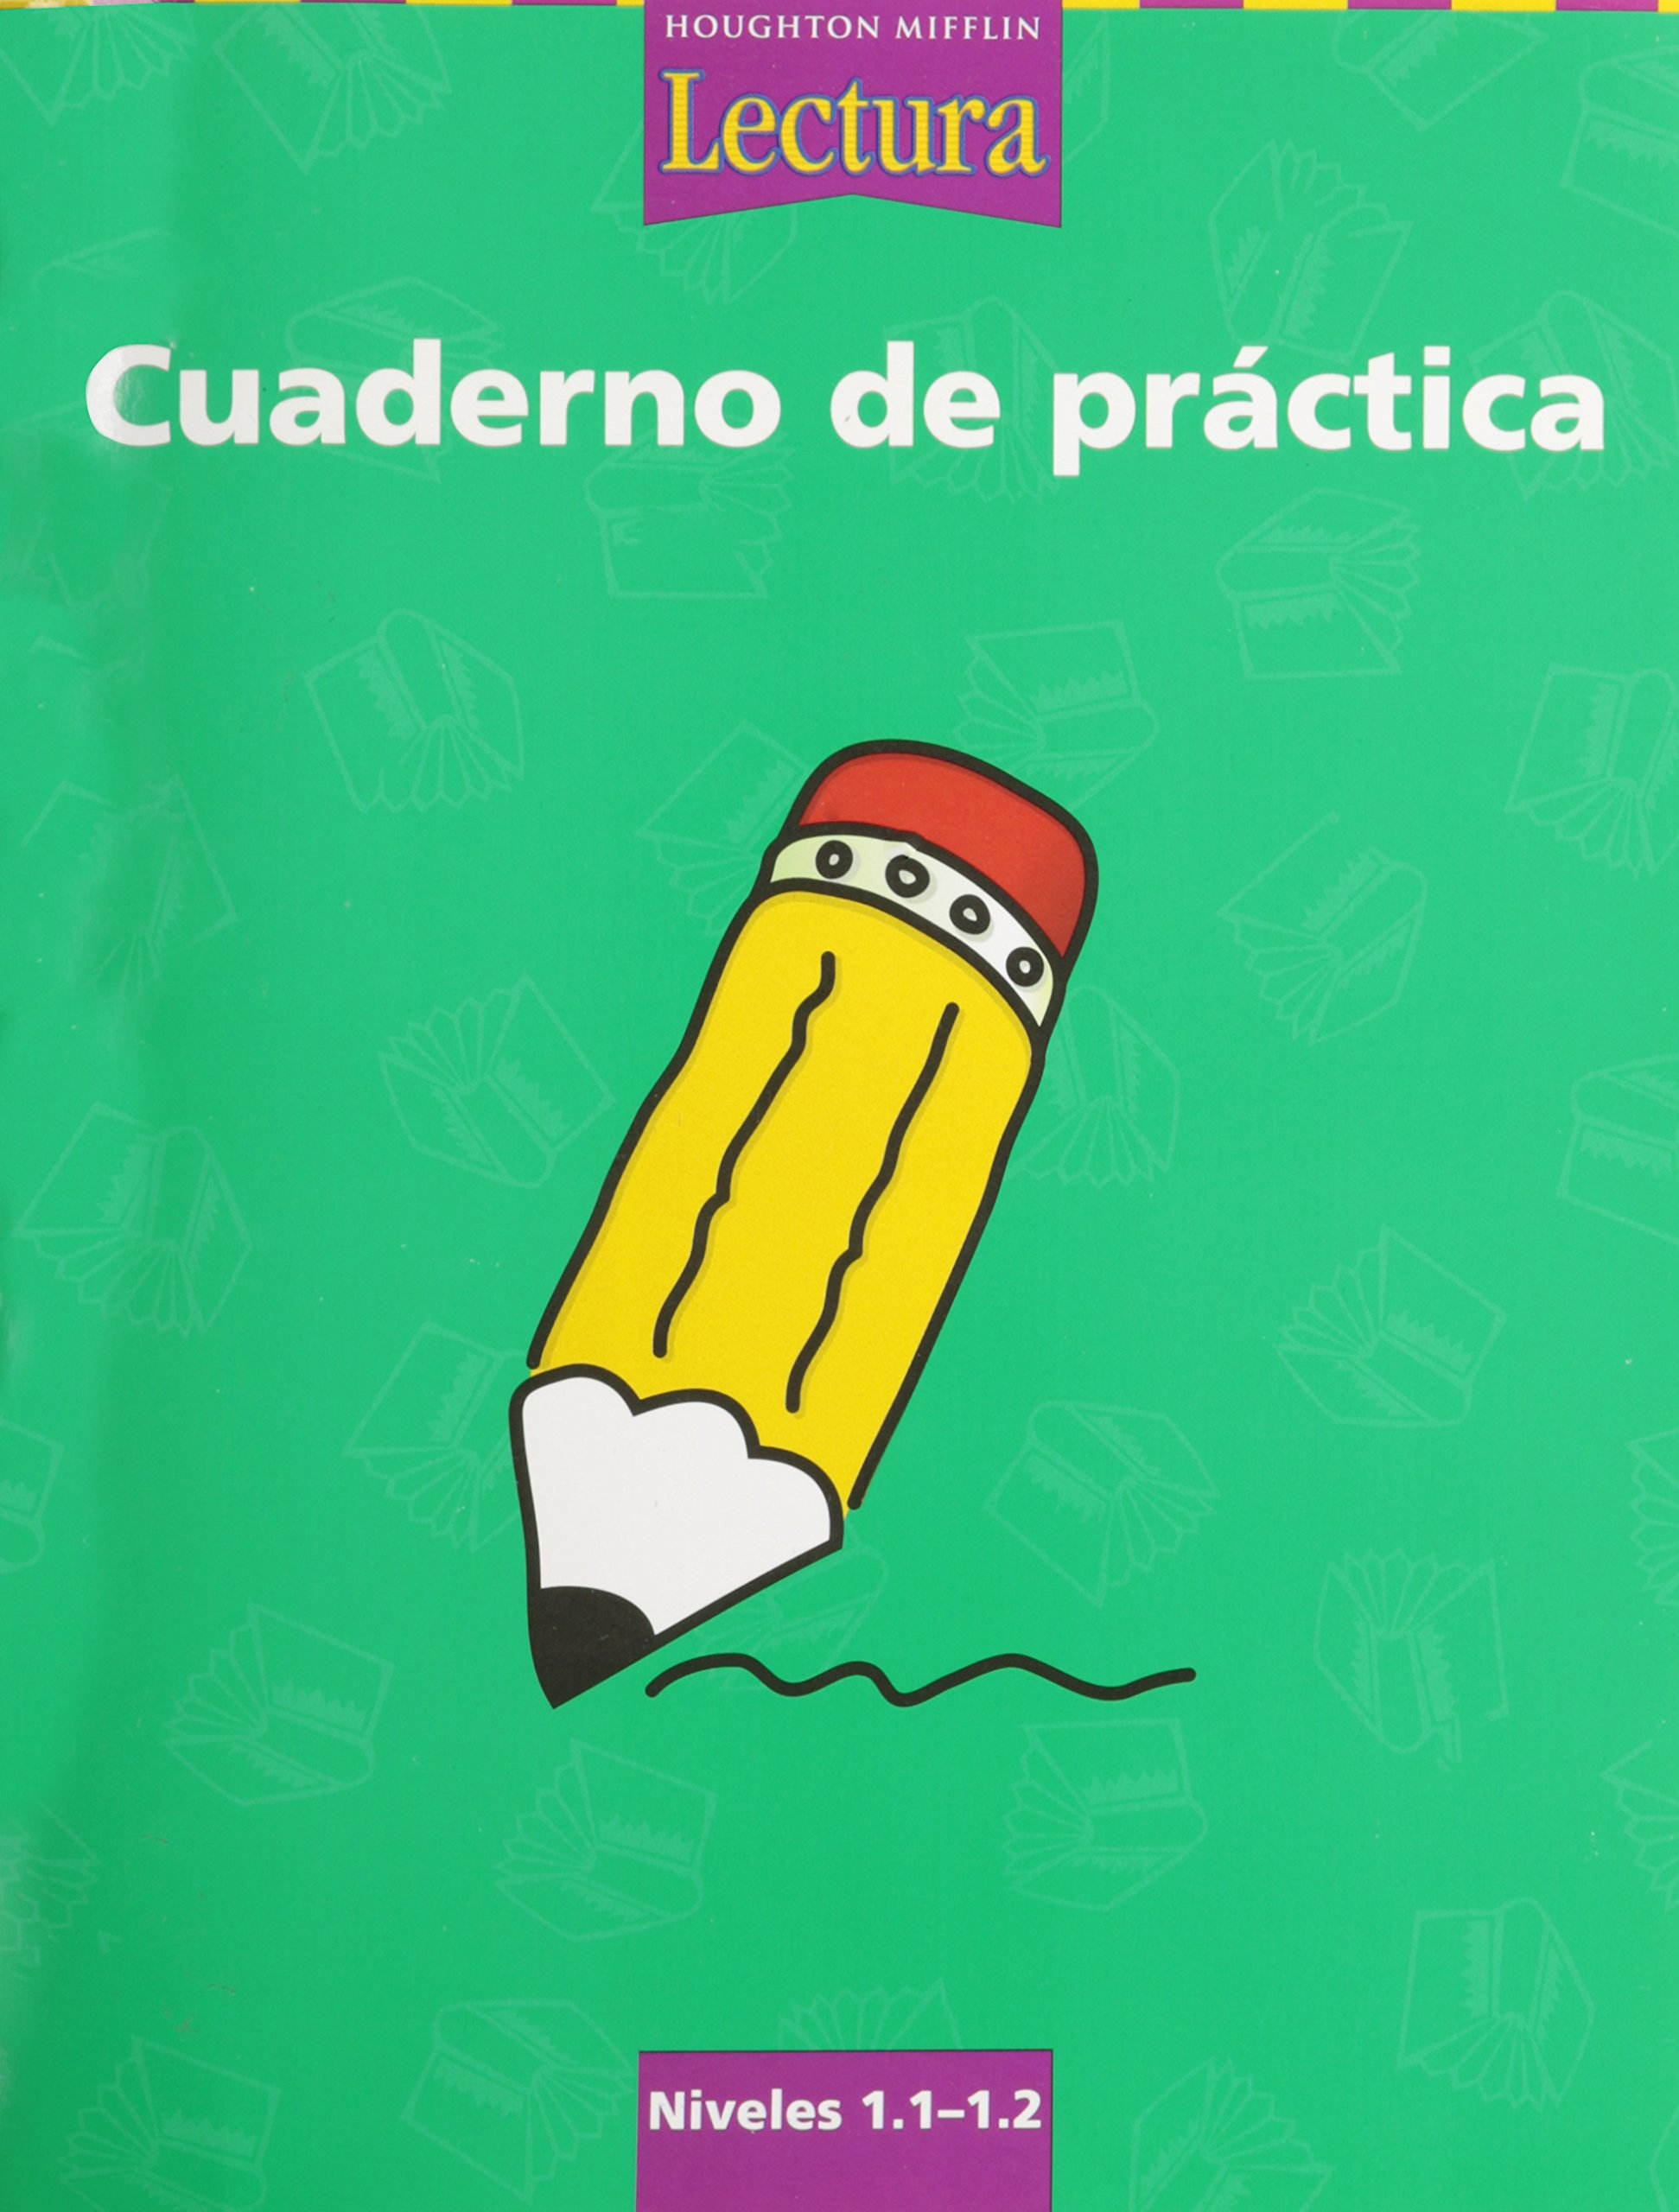 Download Lectura: Cuaderno de práctica Grades 1.1-1.2 (Spanish Edition) PDF